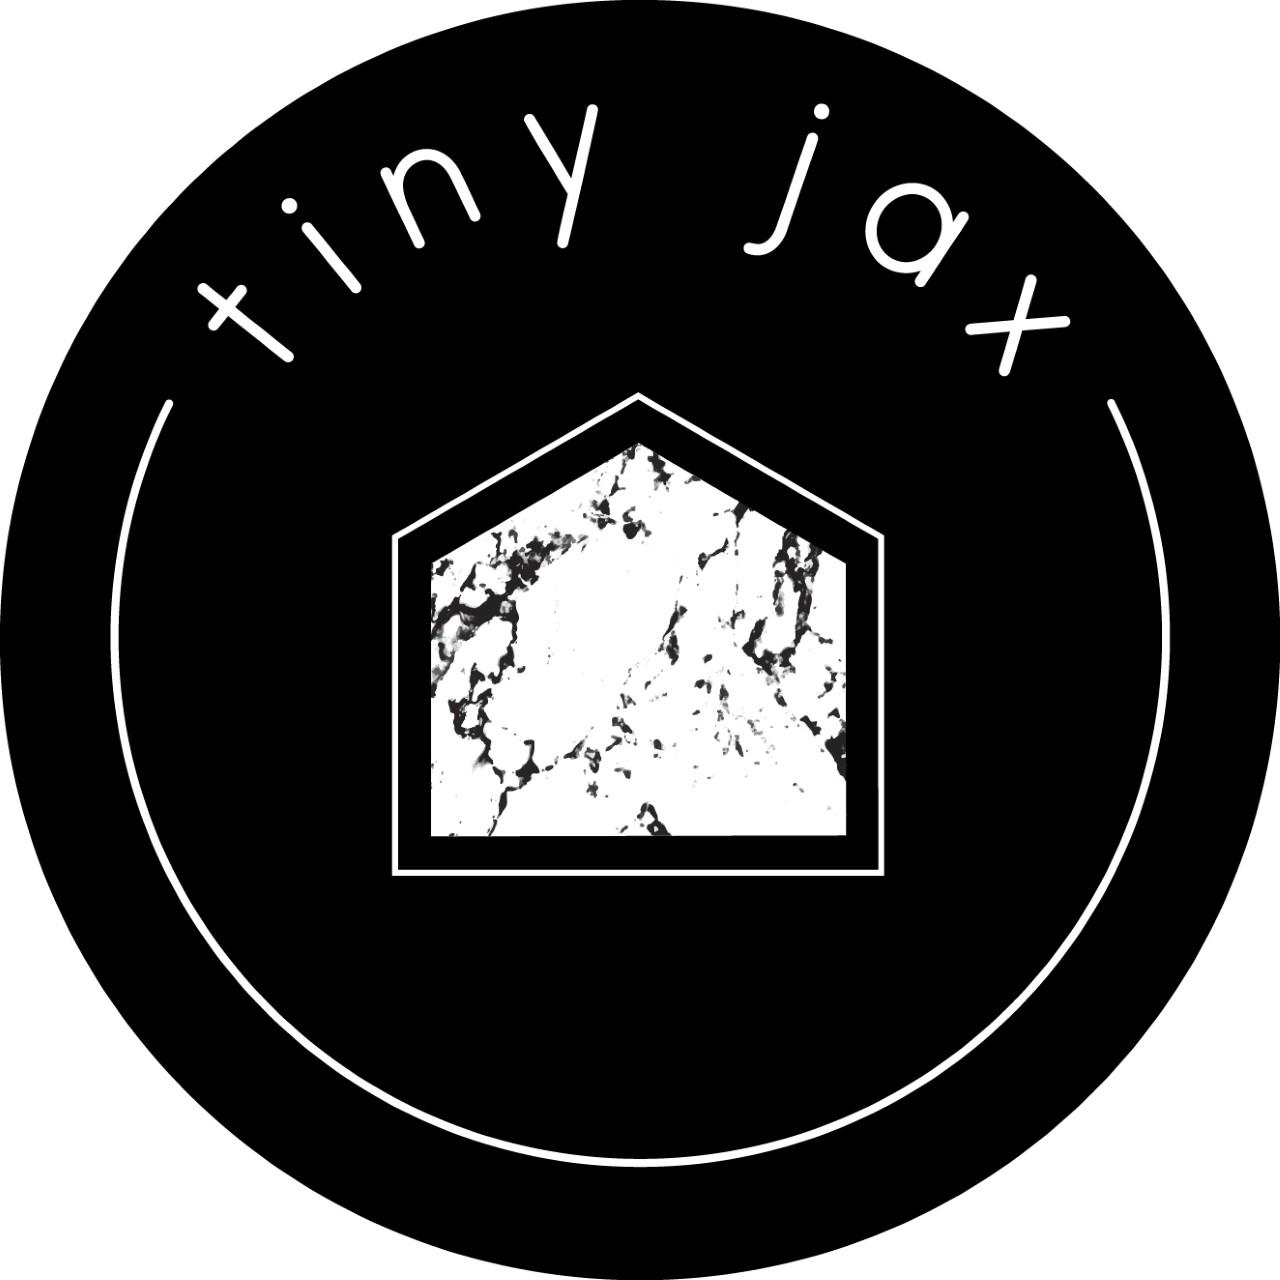 TINY JAX